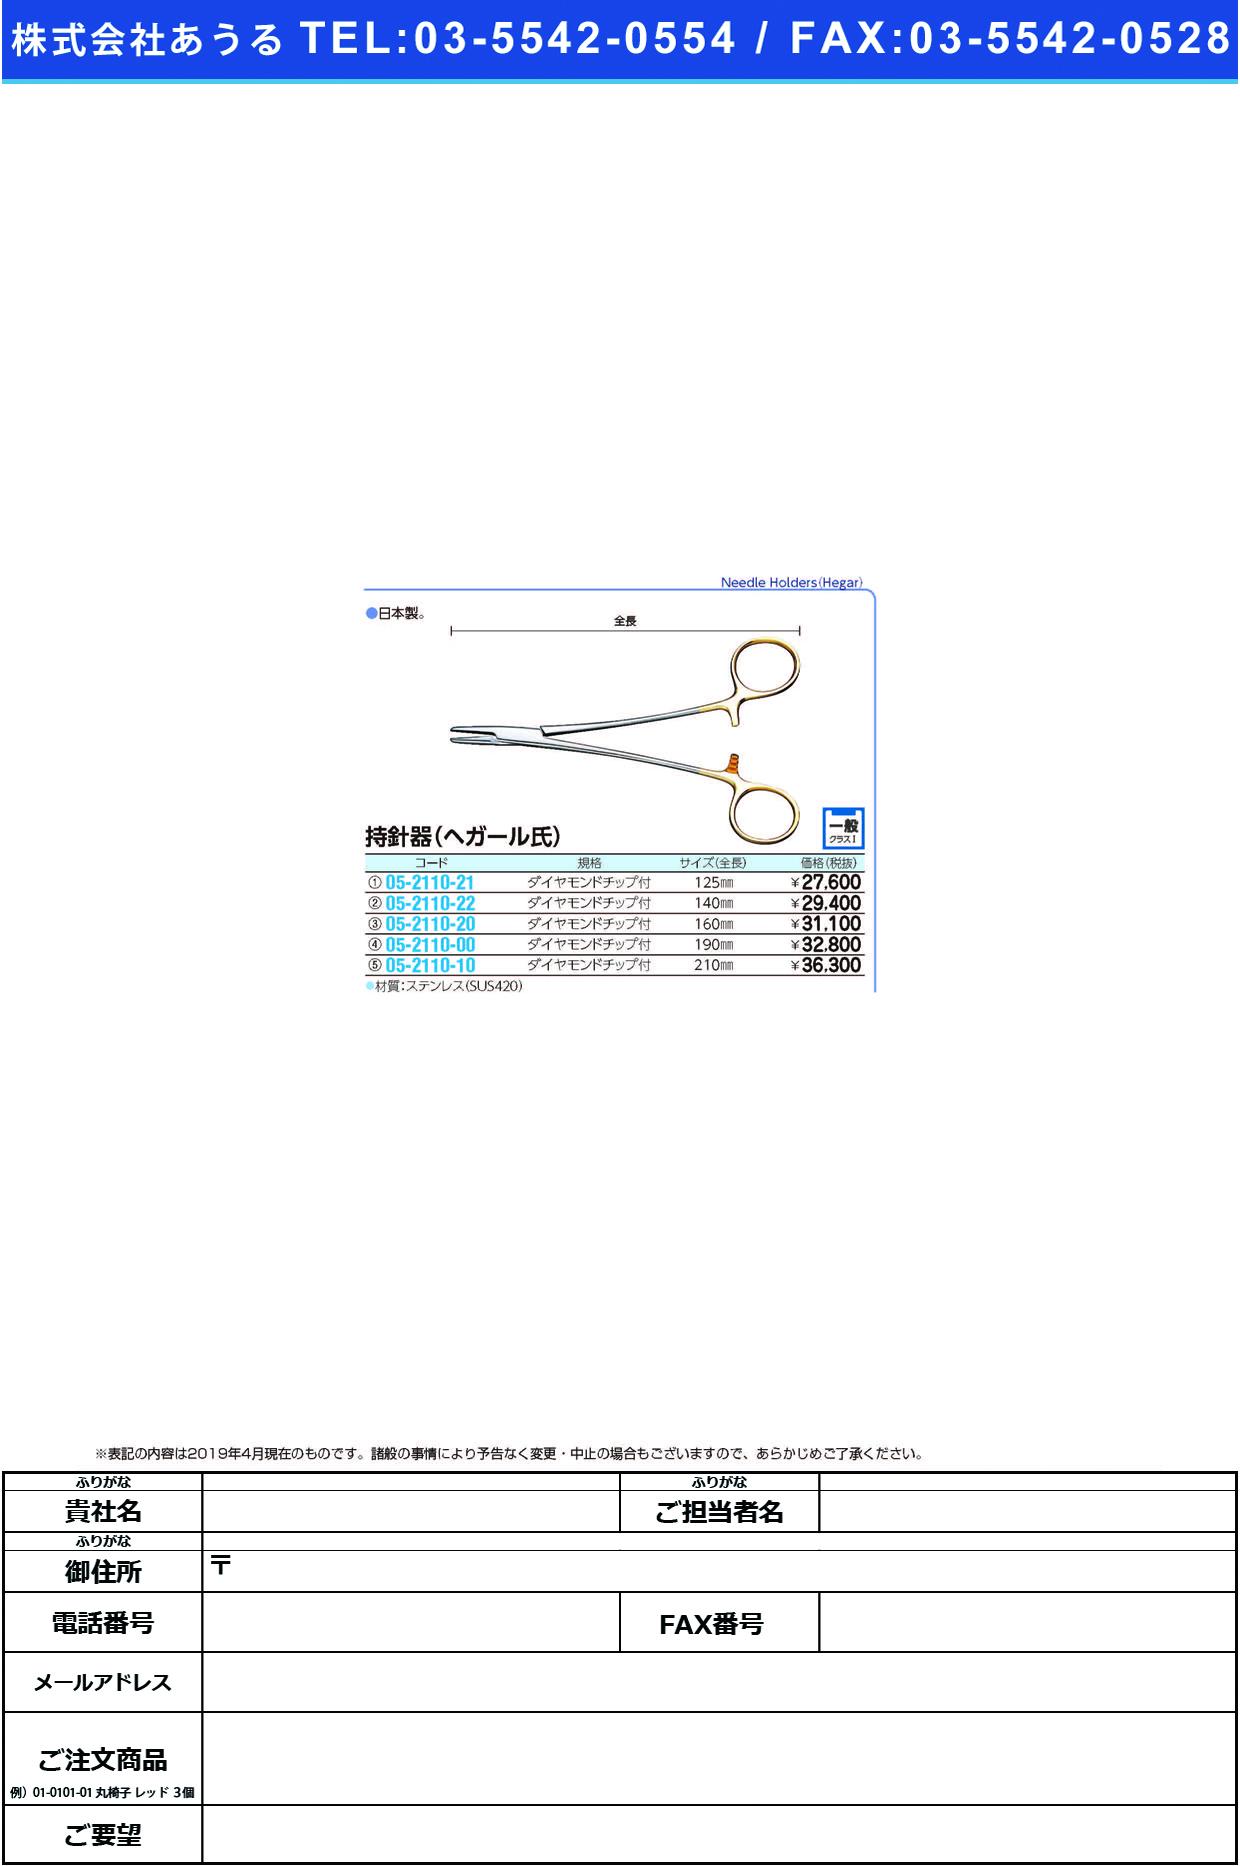 (05-2110-10)持針器(ヘガール氏)ダイヤチップ付 210MM ジシンキ(ヘガールシ)ダイヤチッフ【1本単位】【2019年カタログ商品】